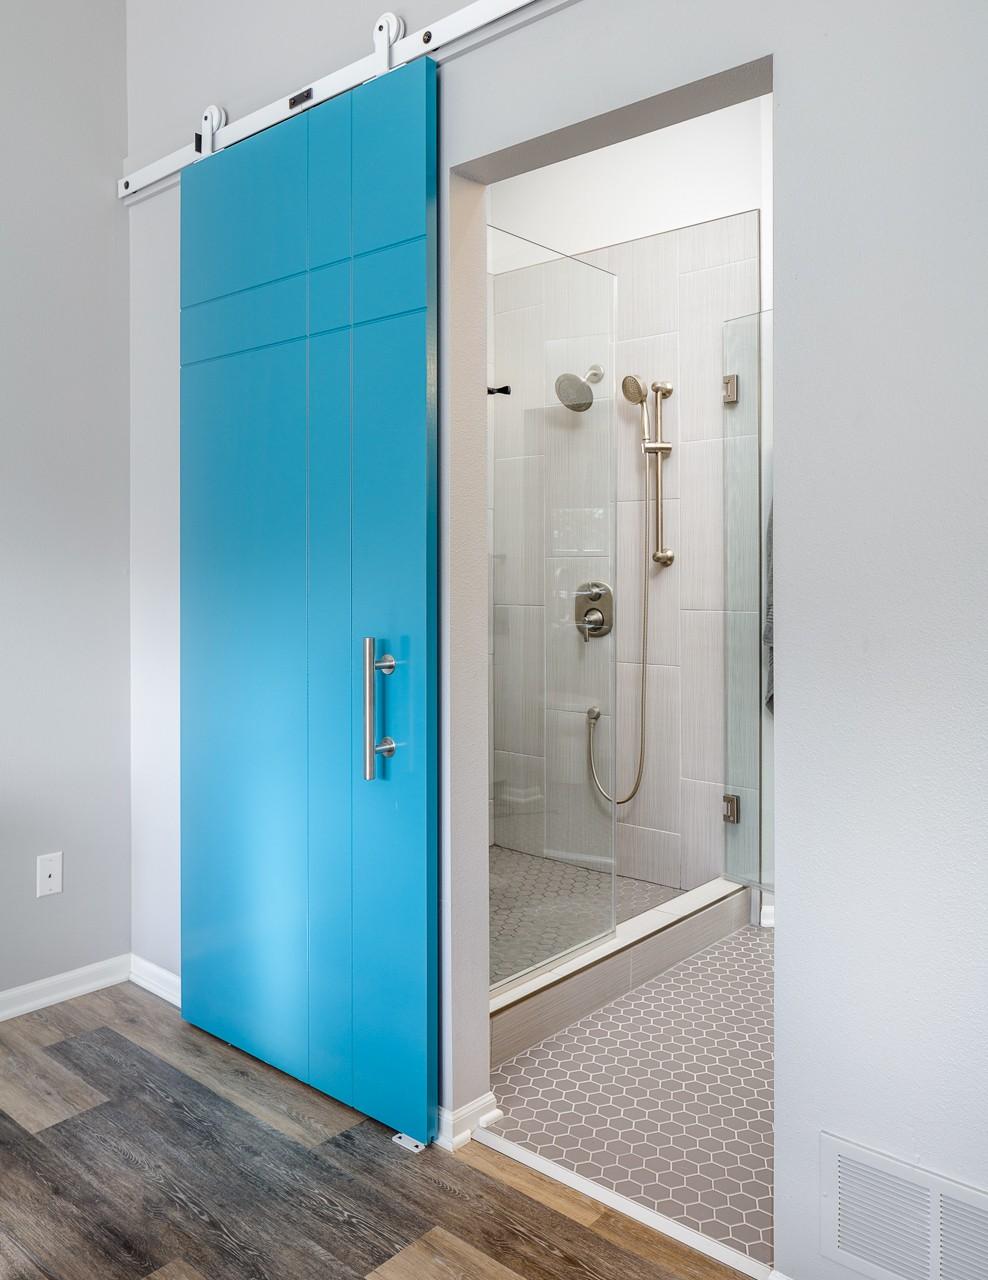 Cool Barn Door in Master Bathroom Remodel